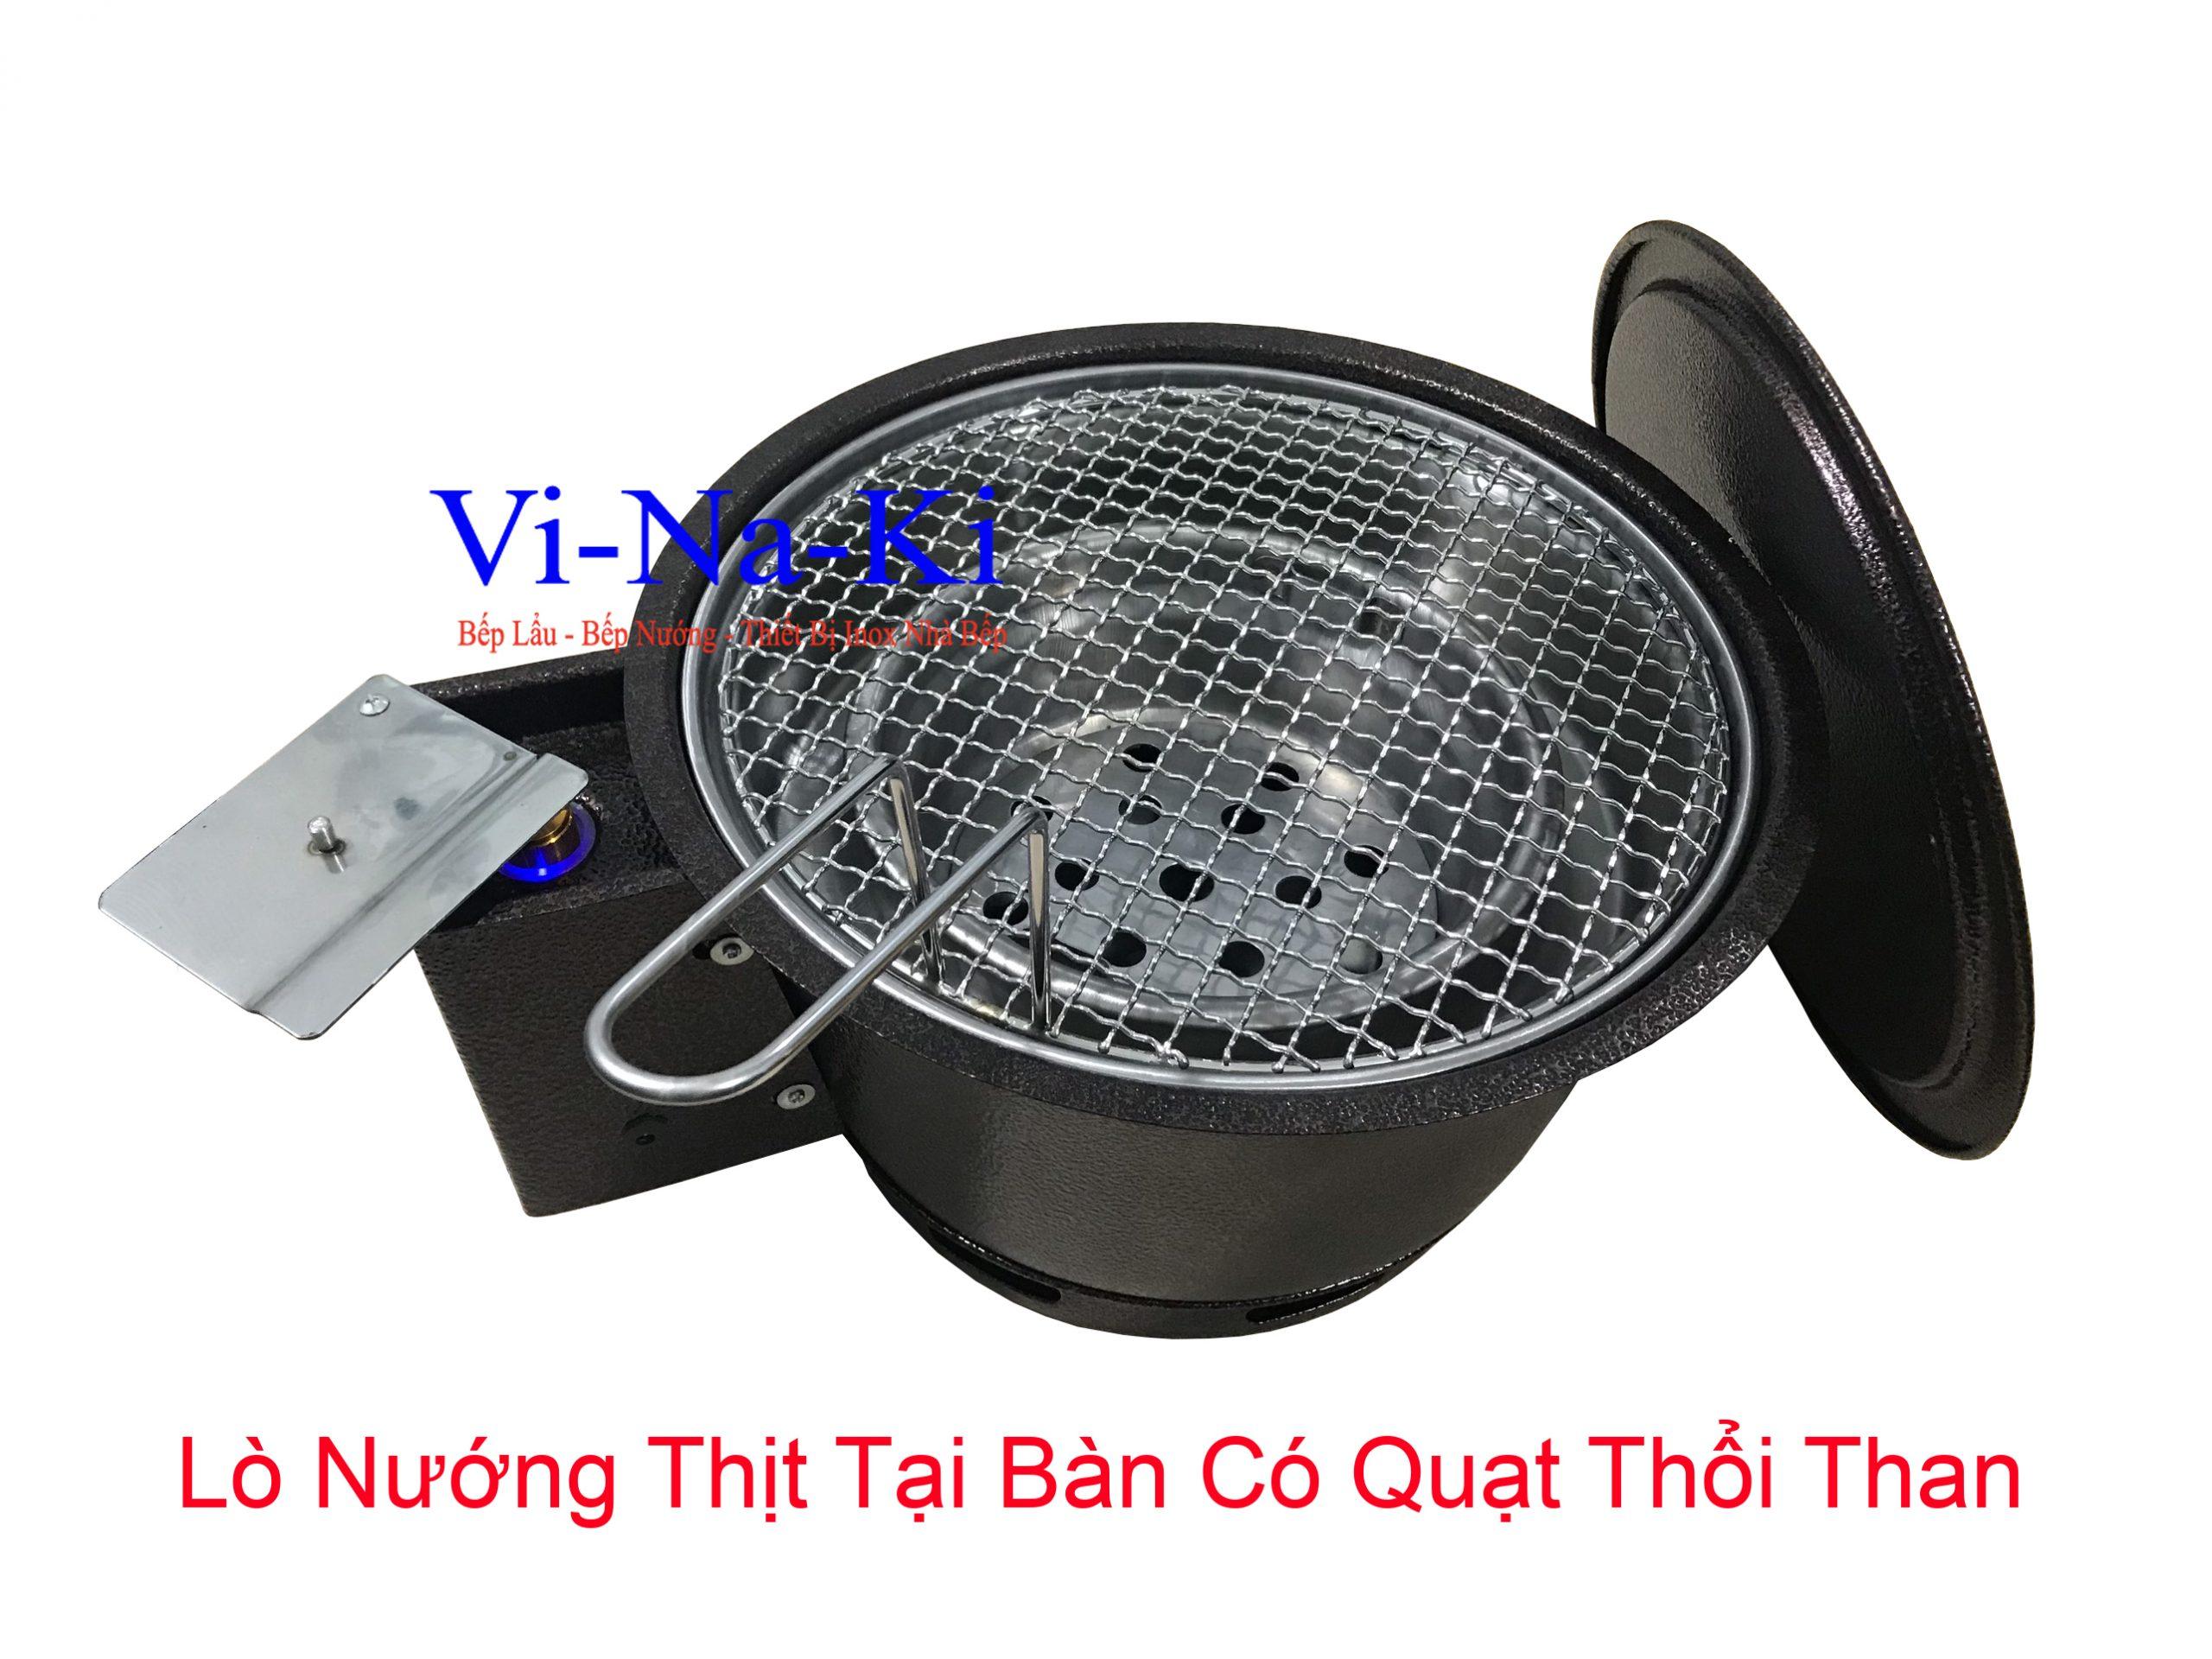 lò nướng thịt tại bàn có quạt thổi than